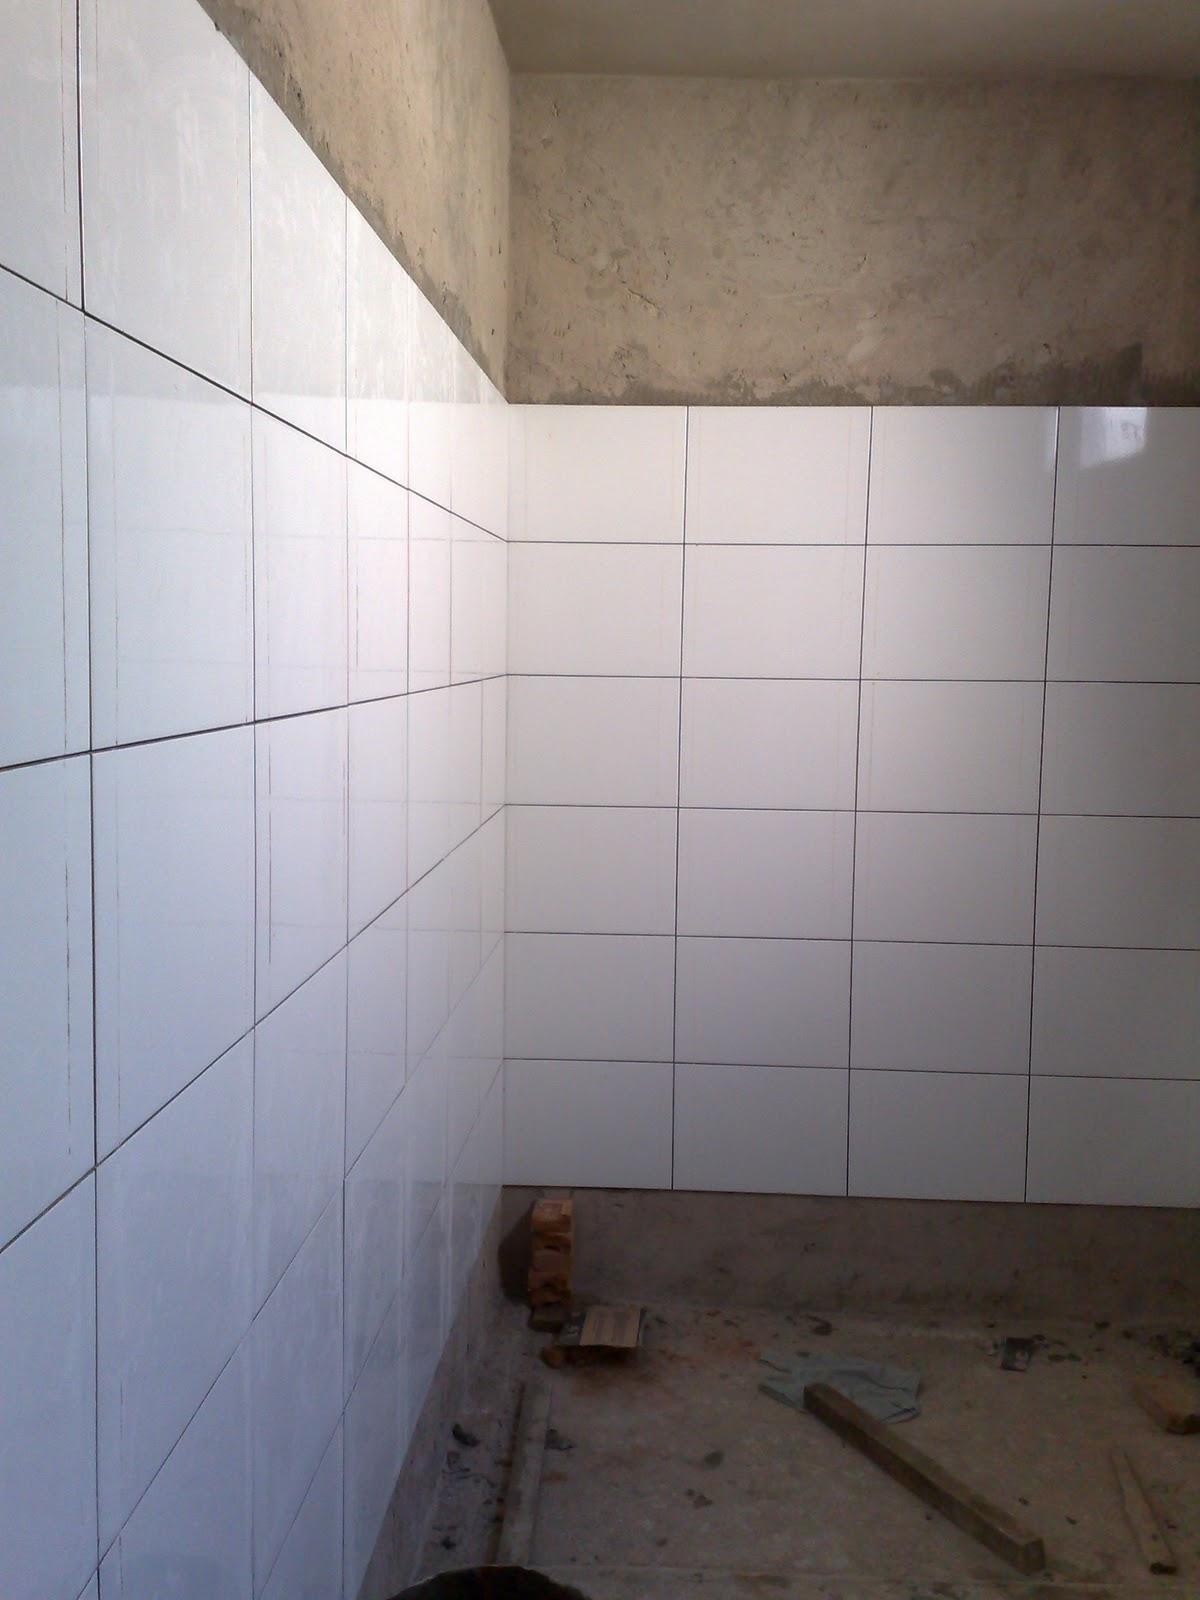 Passo a passo da construção da minha primeira casa: banheiro #7E664D 1200 1600